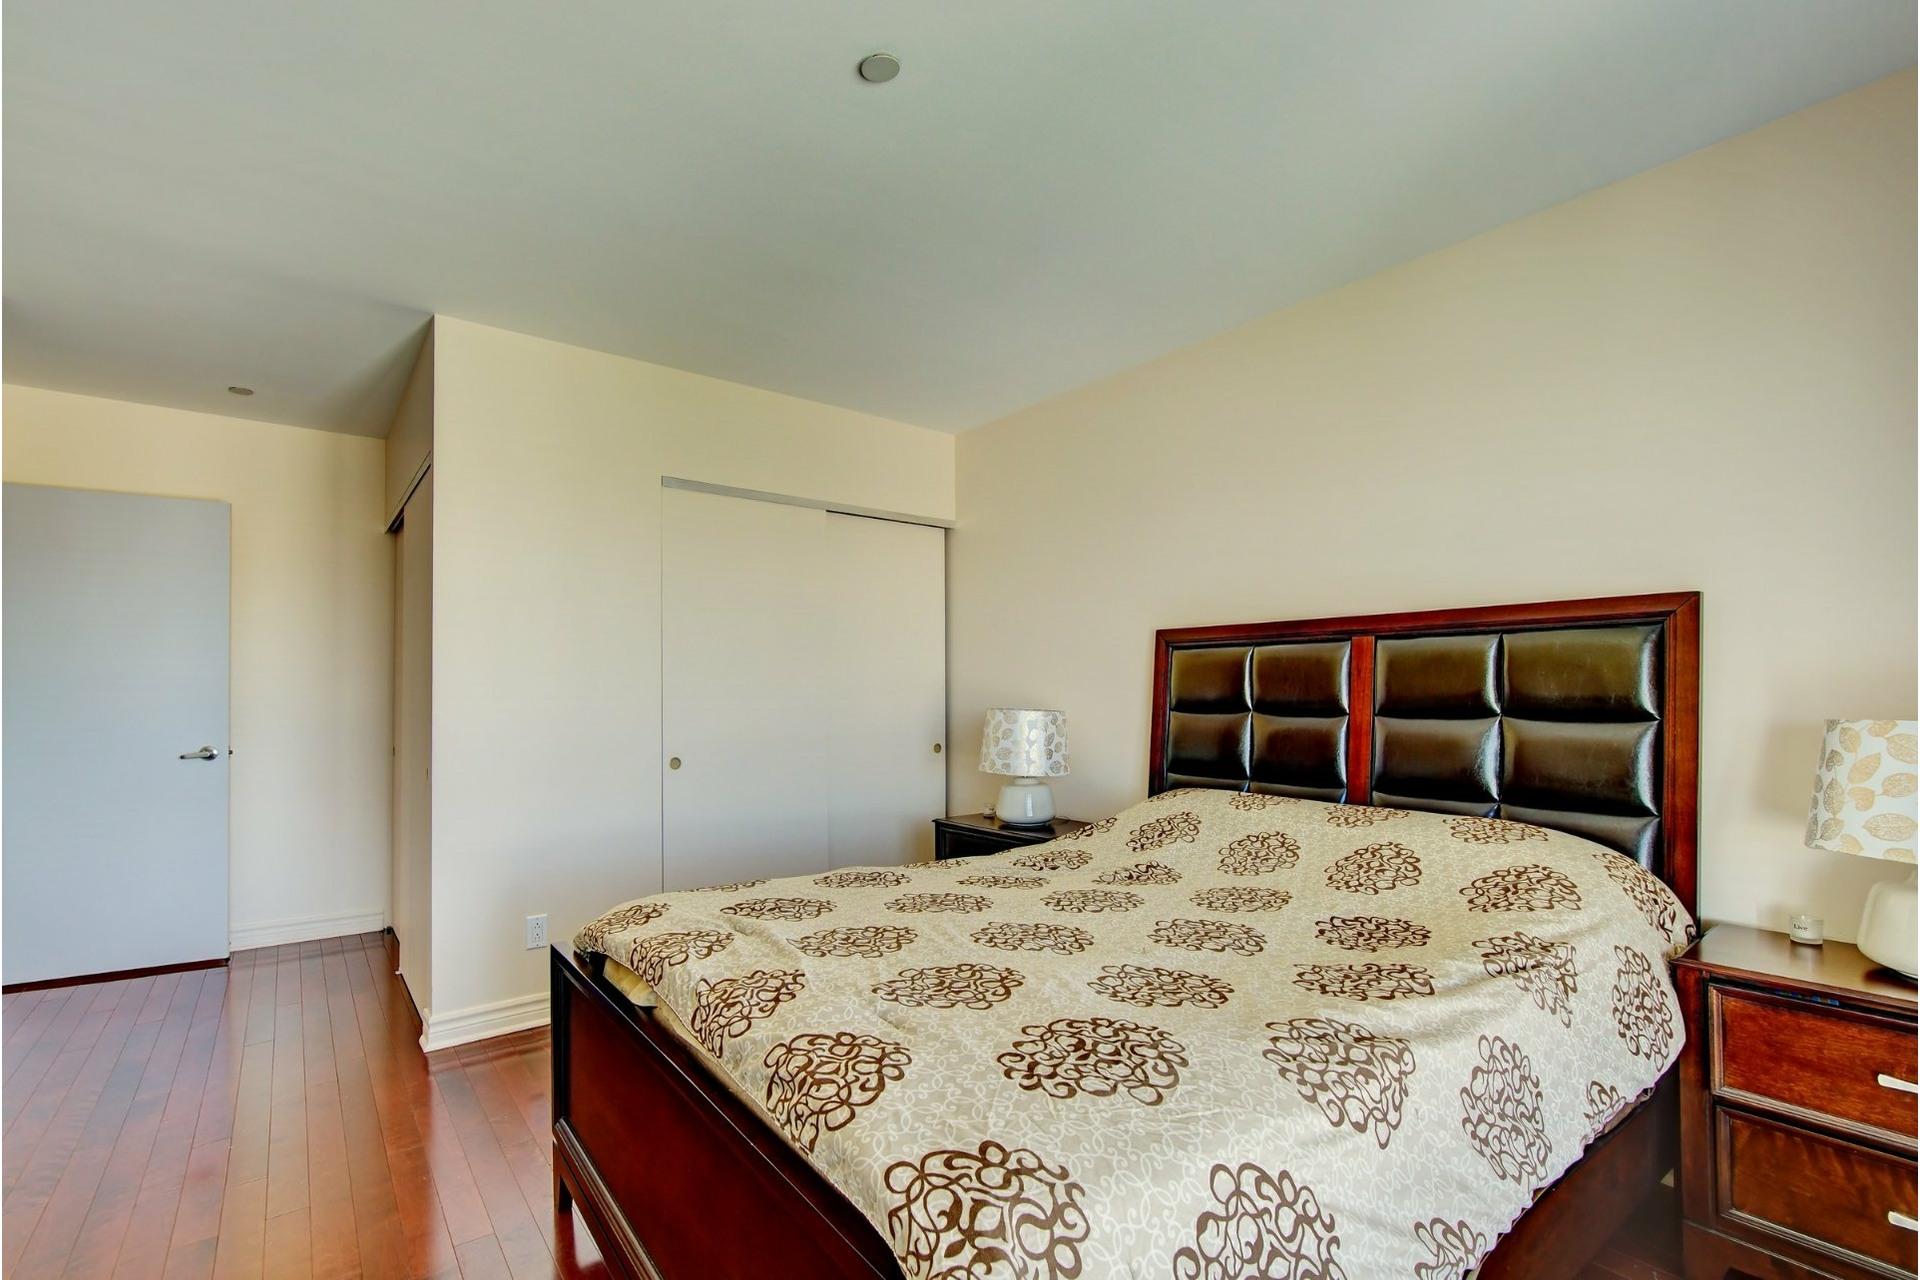 image 15 - Apartment For rent Laval-des-Rapides Laval  - 5 rooms